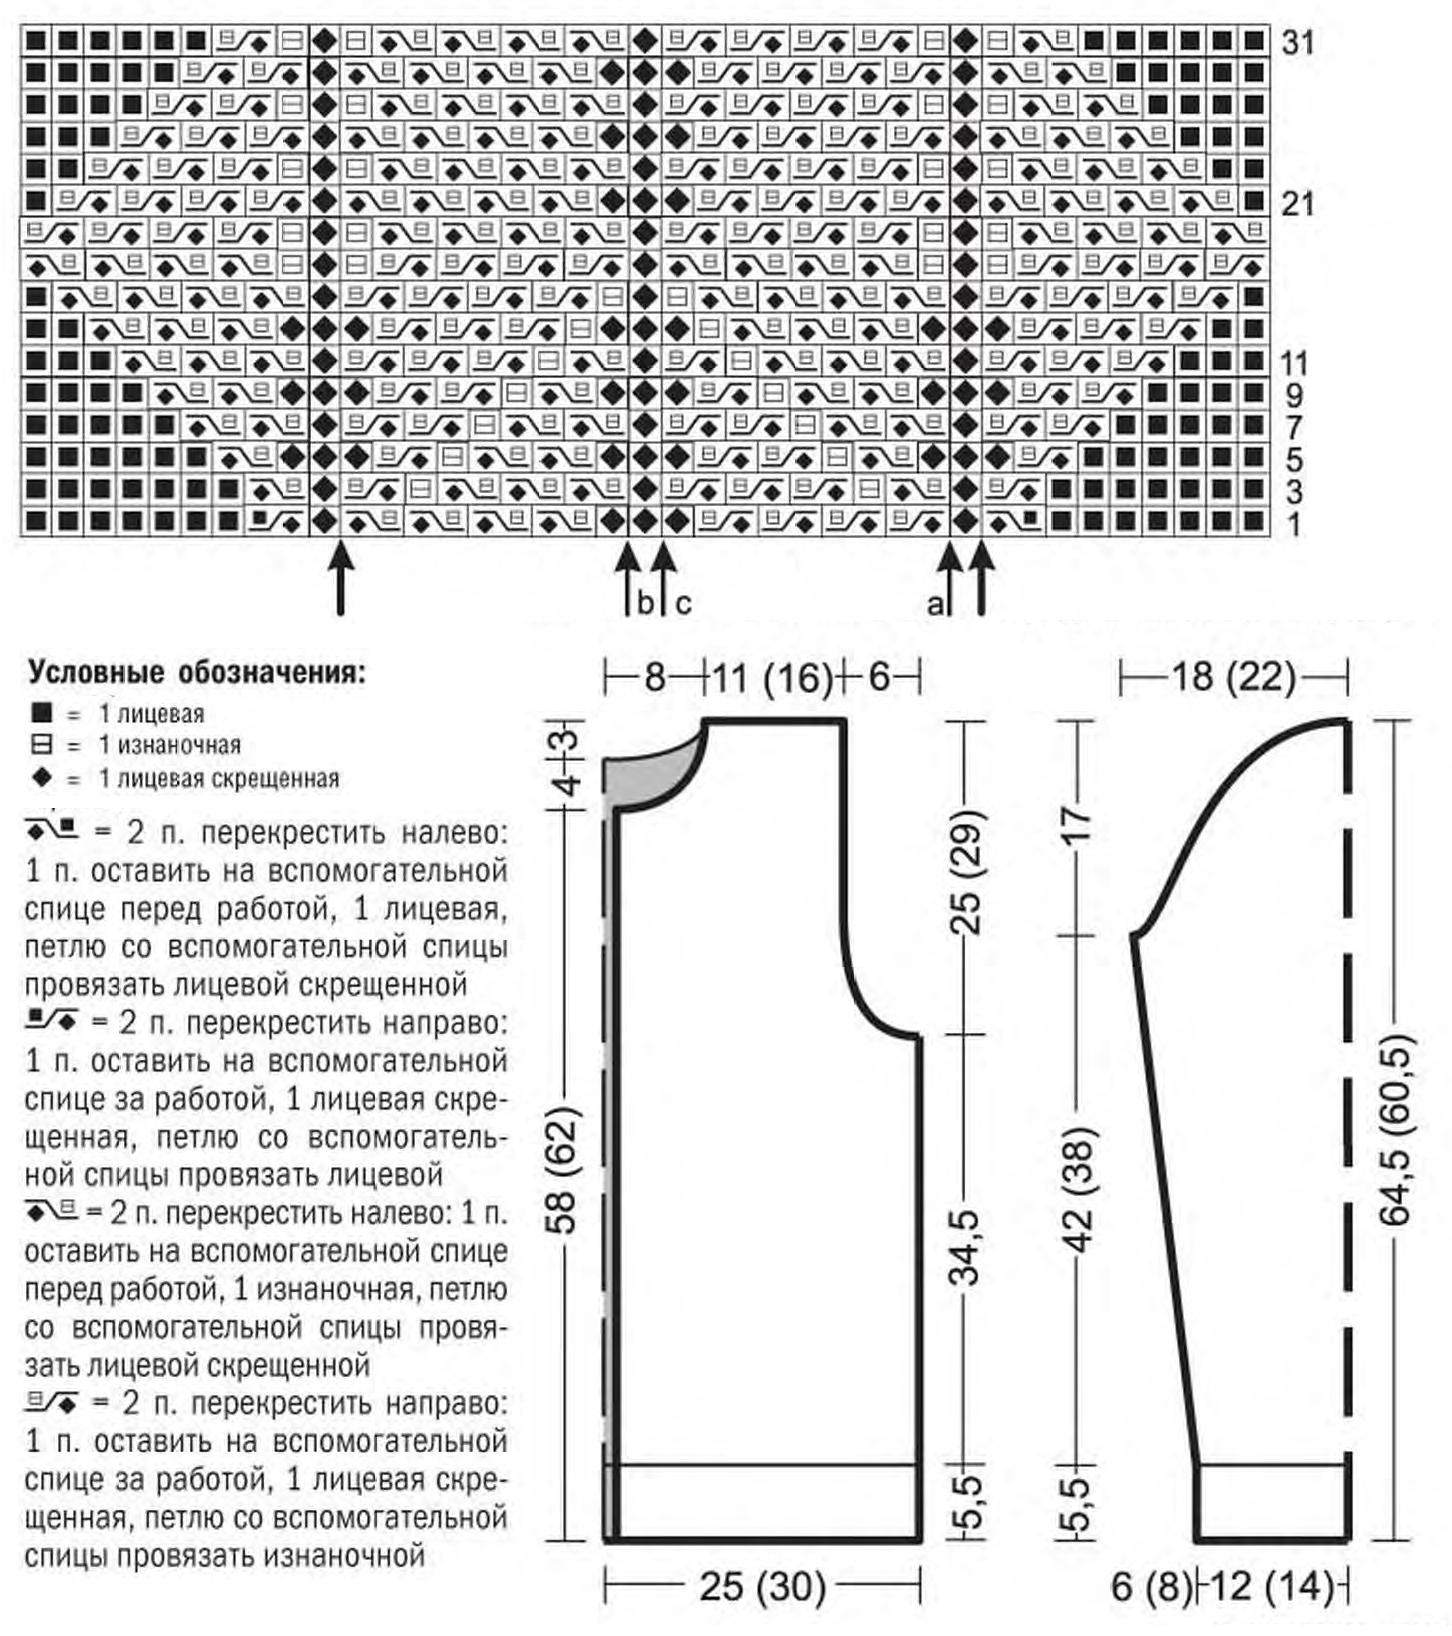 Мужской жакет спицами с рельефным узором на молнии схема вязания с подробным описанием